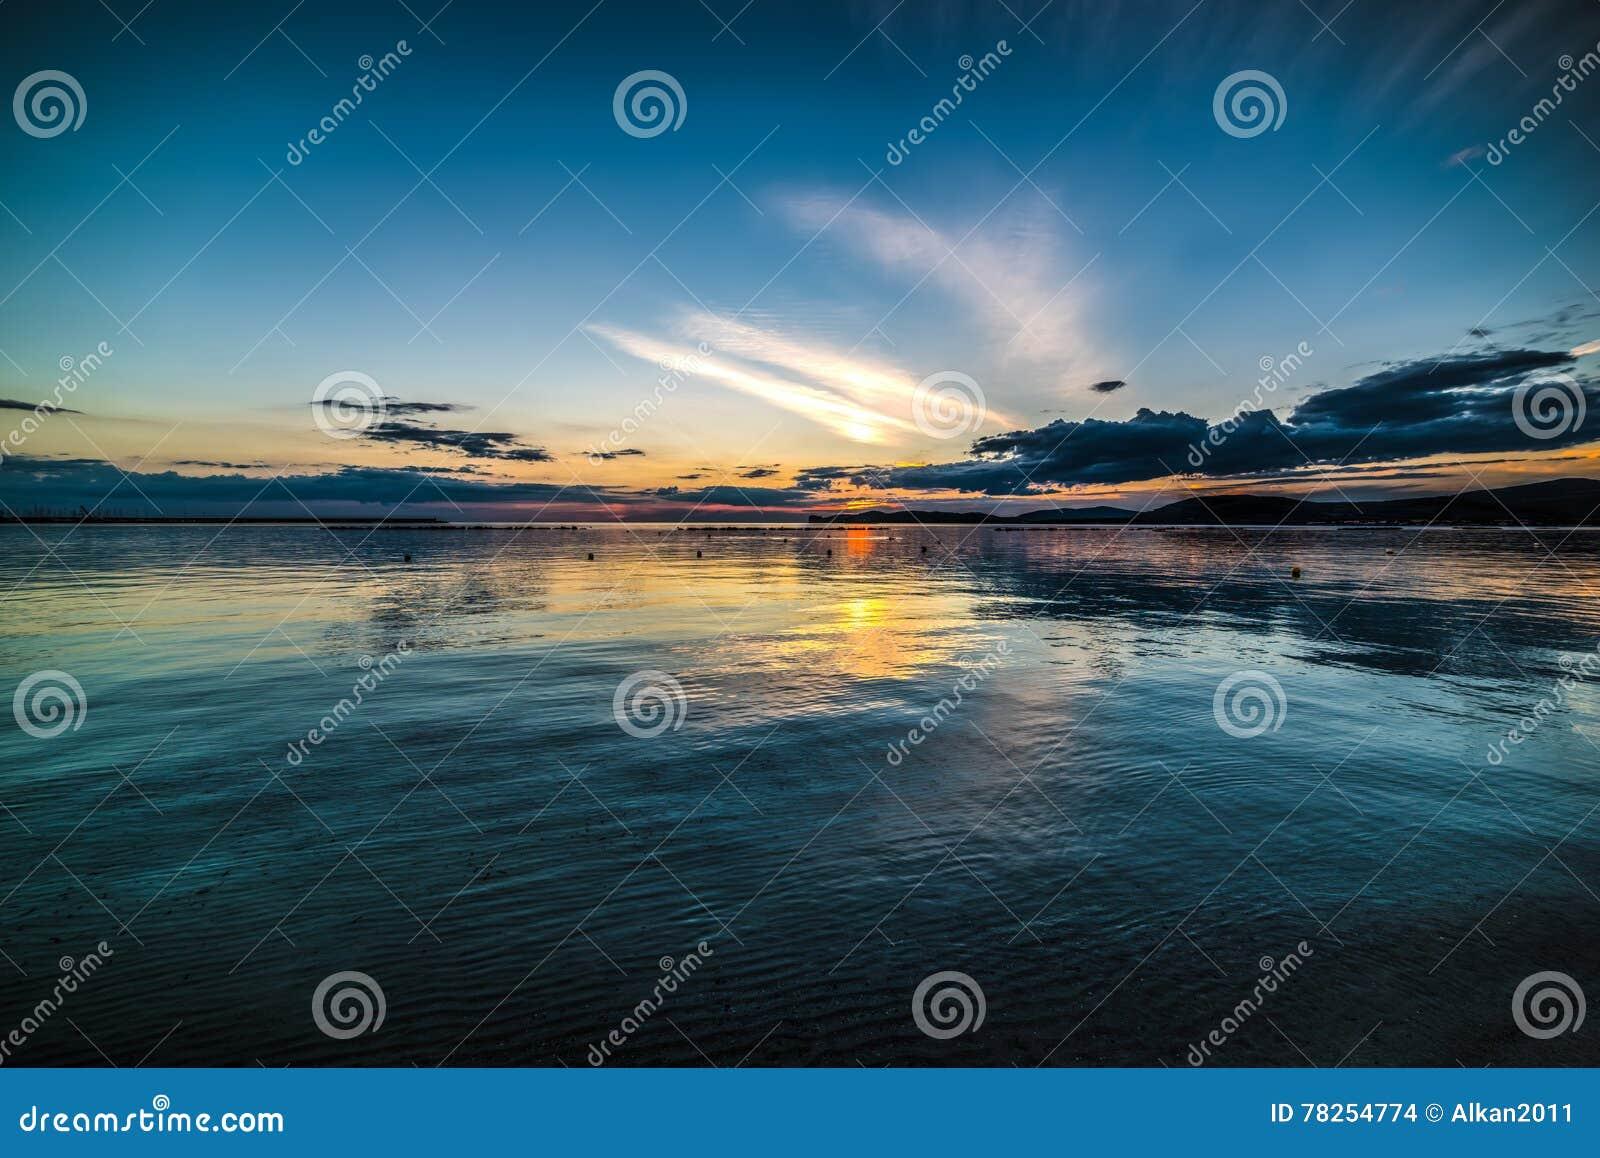 Σκοτεινός ουρανός πέρα από τη θάλασσα